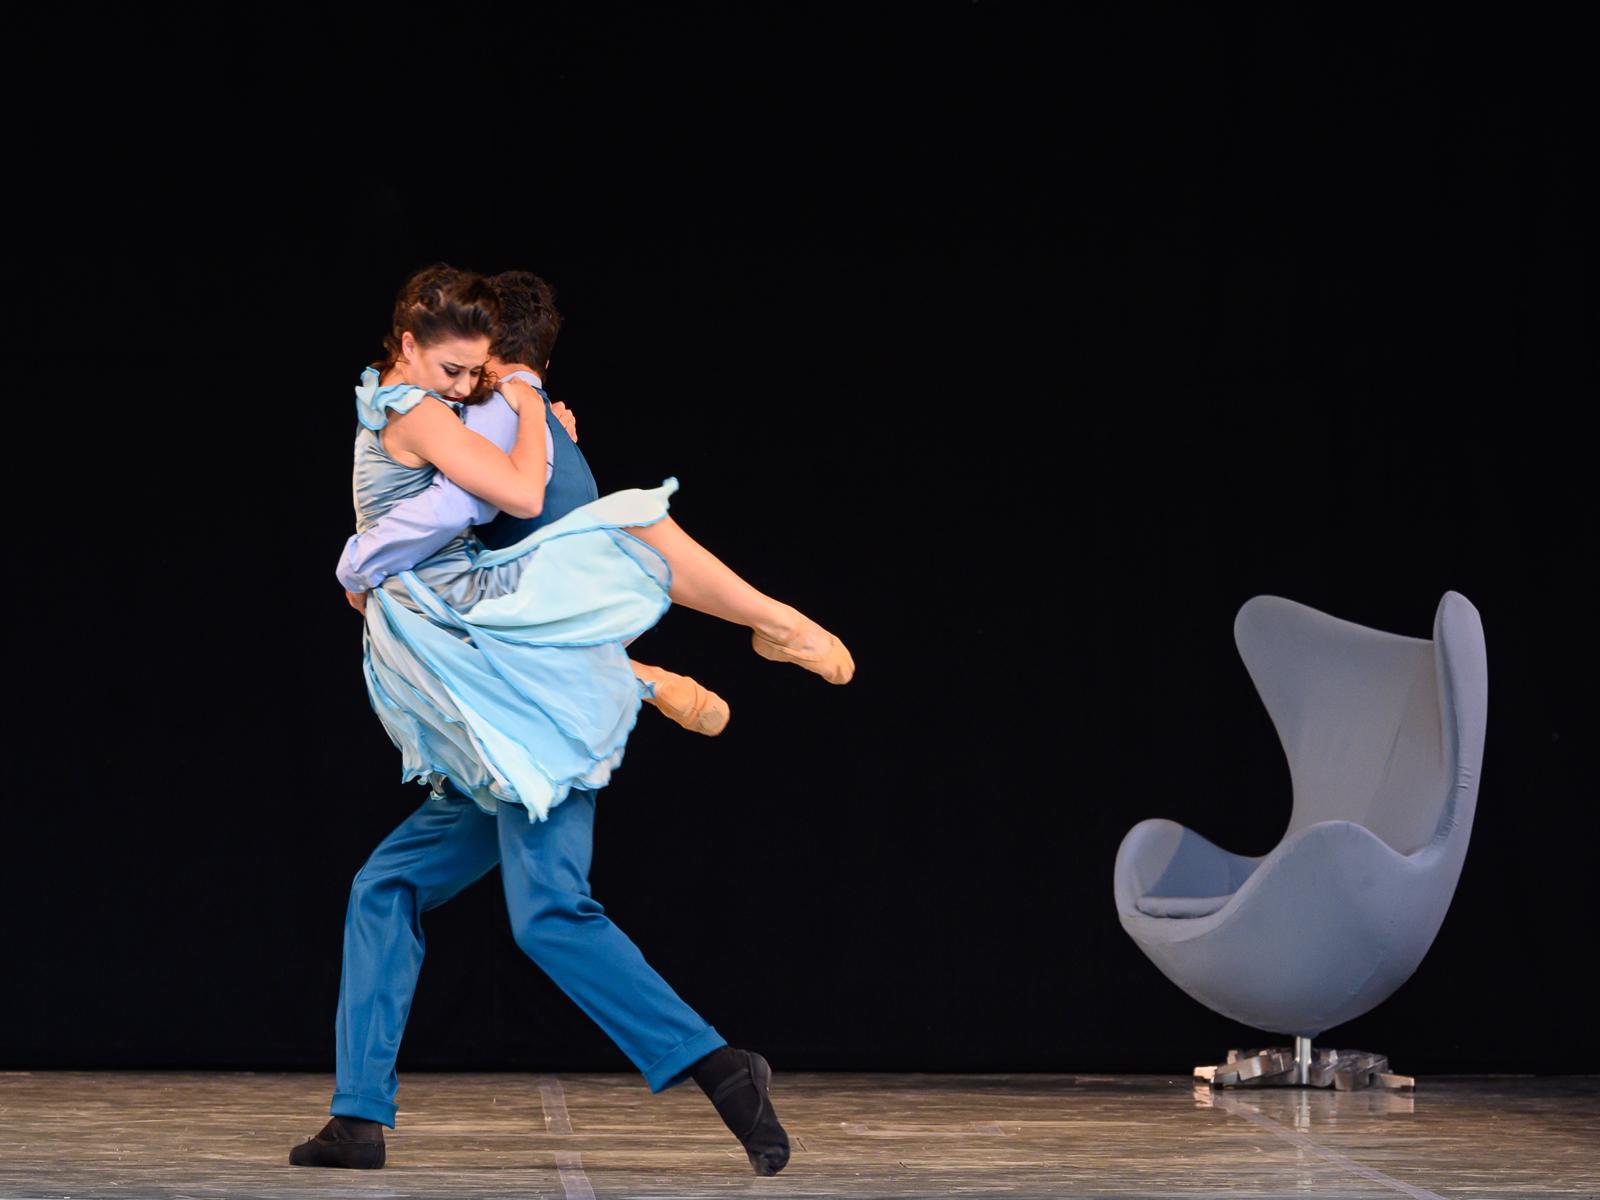 Anmeldelse: Et glimt af i går i dag, Tivoli (Tivoli Ballet Teater)